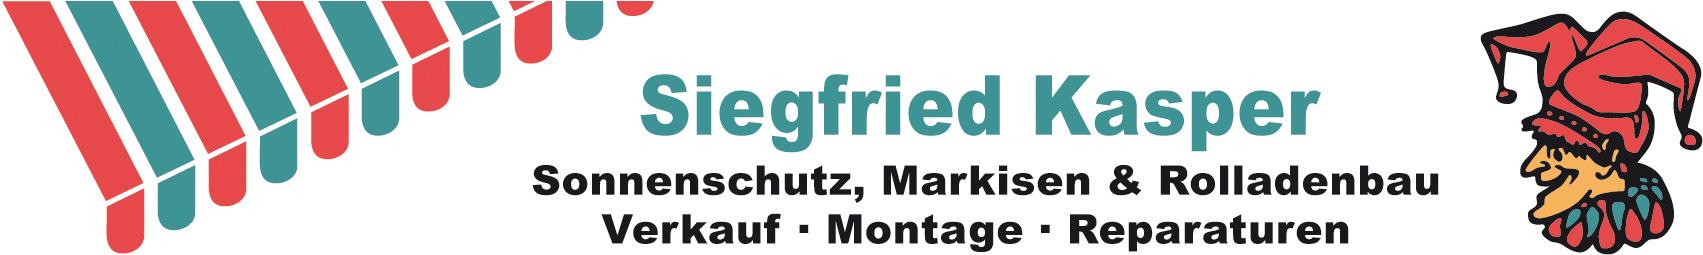 Siegfried Kasper – Sonnenschutz